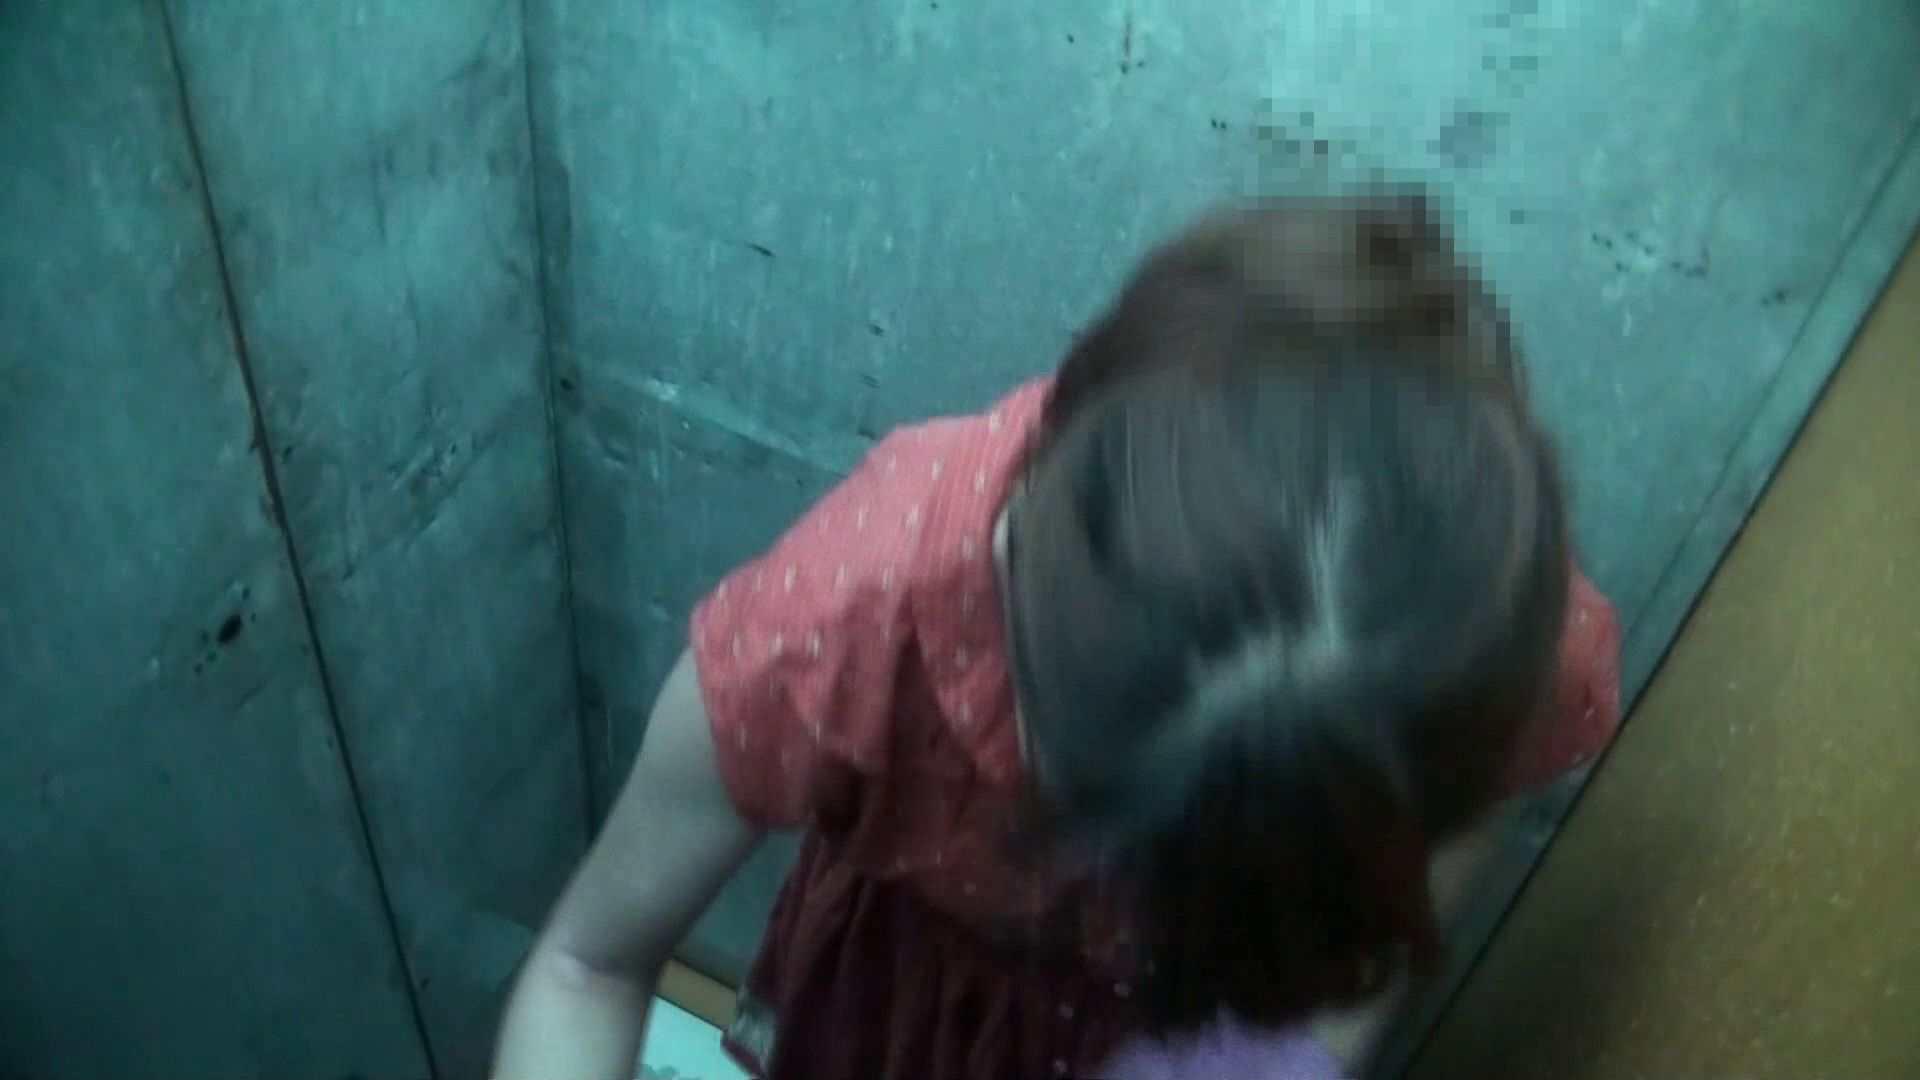 ハイビジョンシャワールームは超!!危険な香りVol.33 多い日も安心 高画質   シャワー  87pic 22